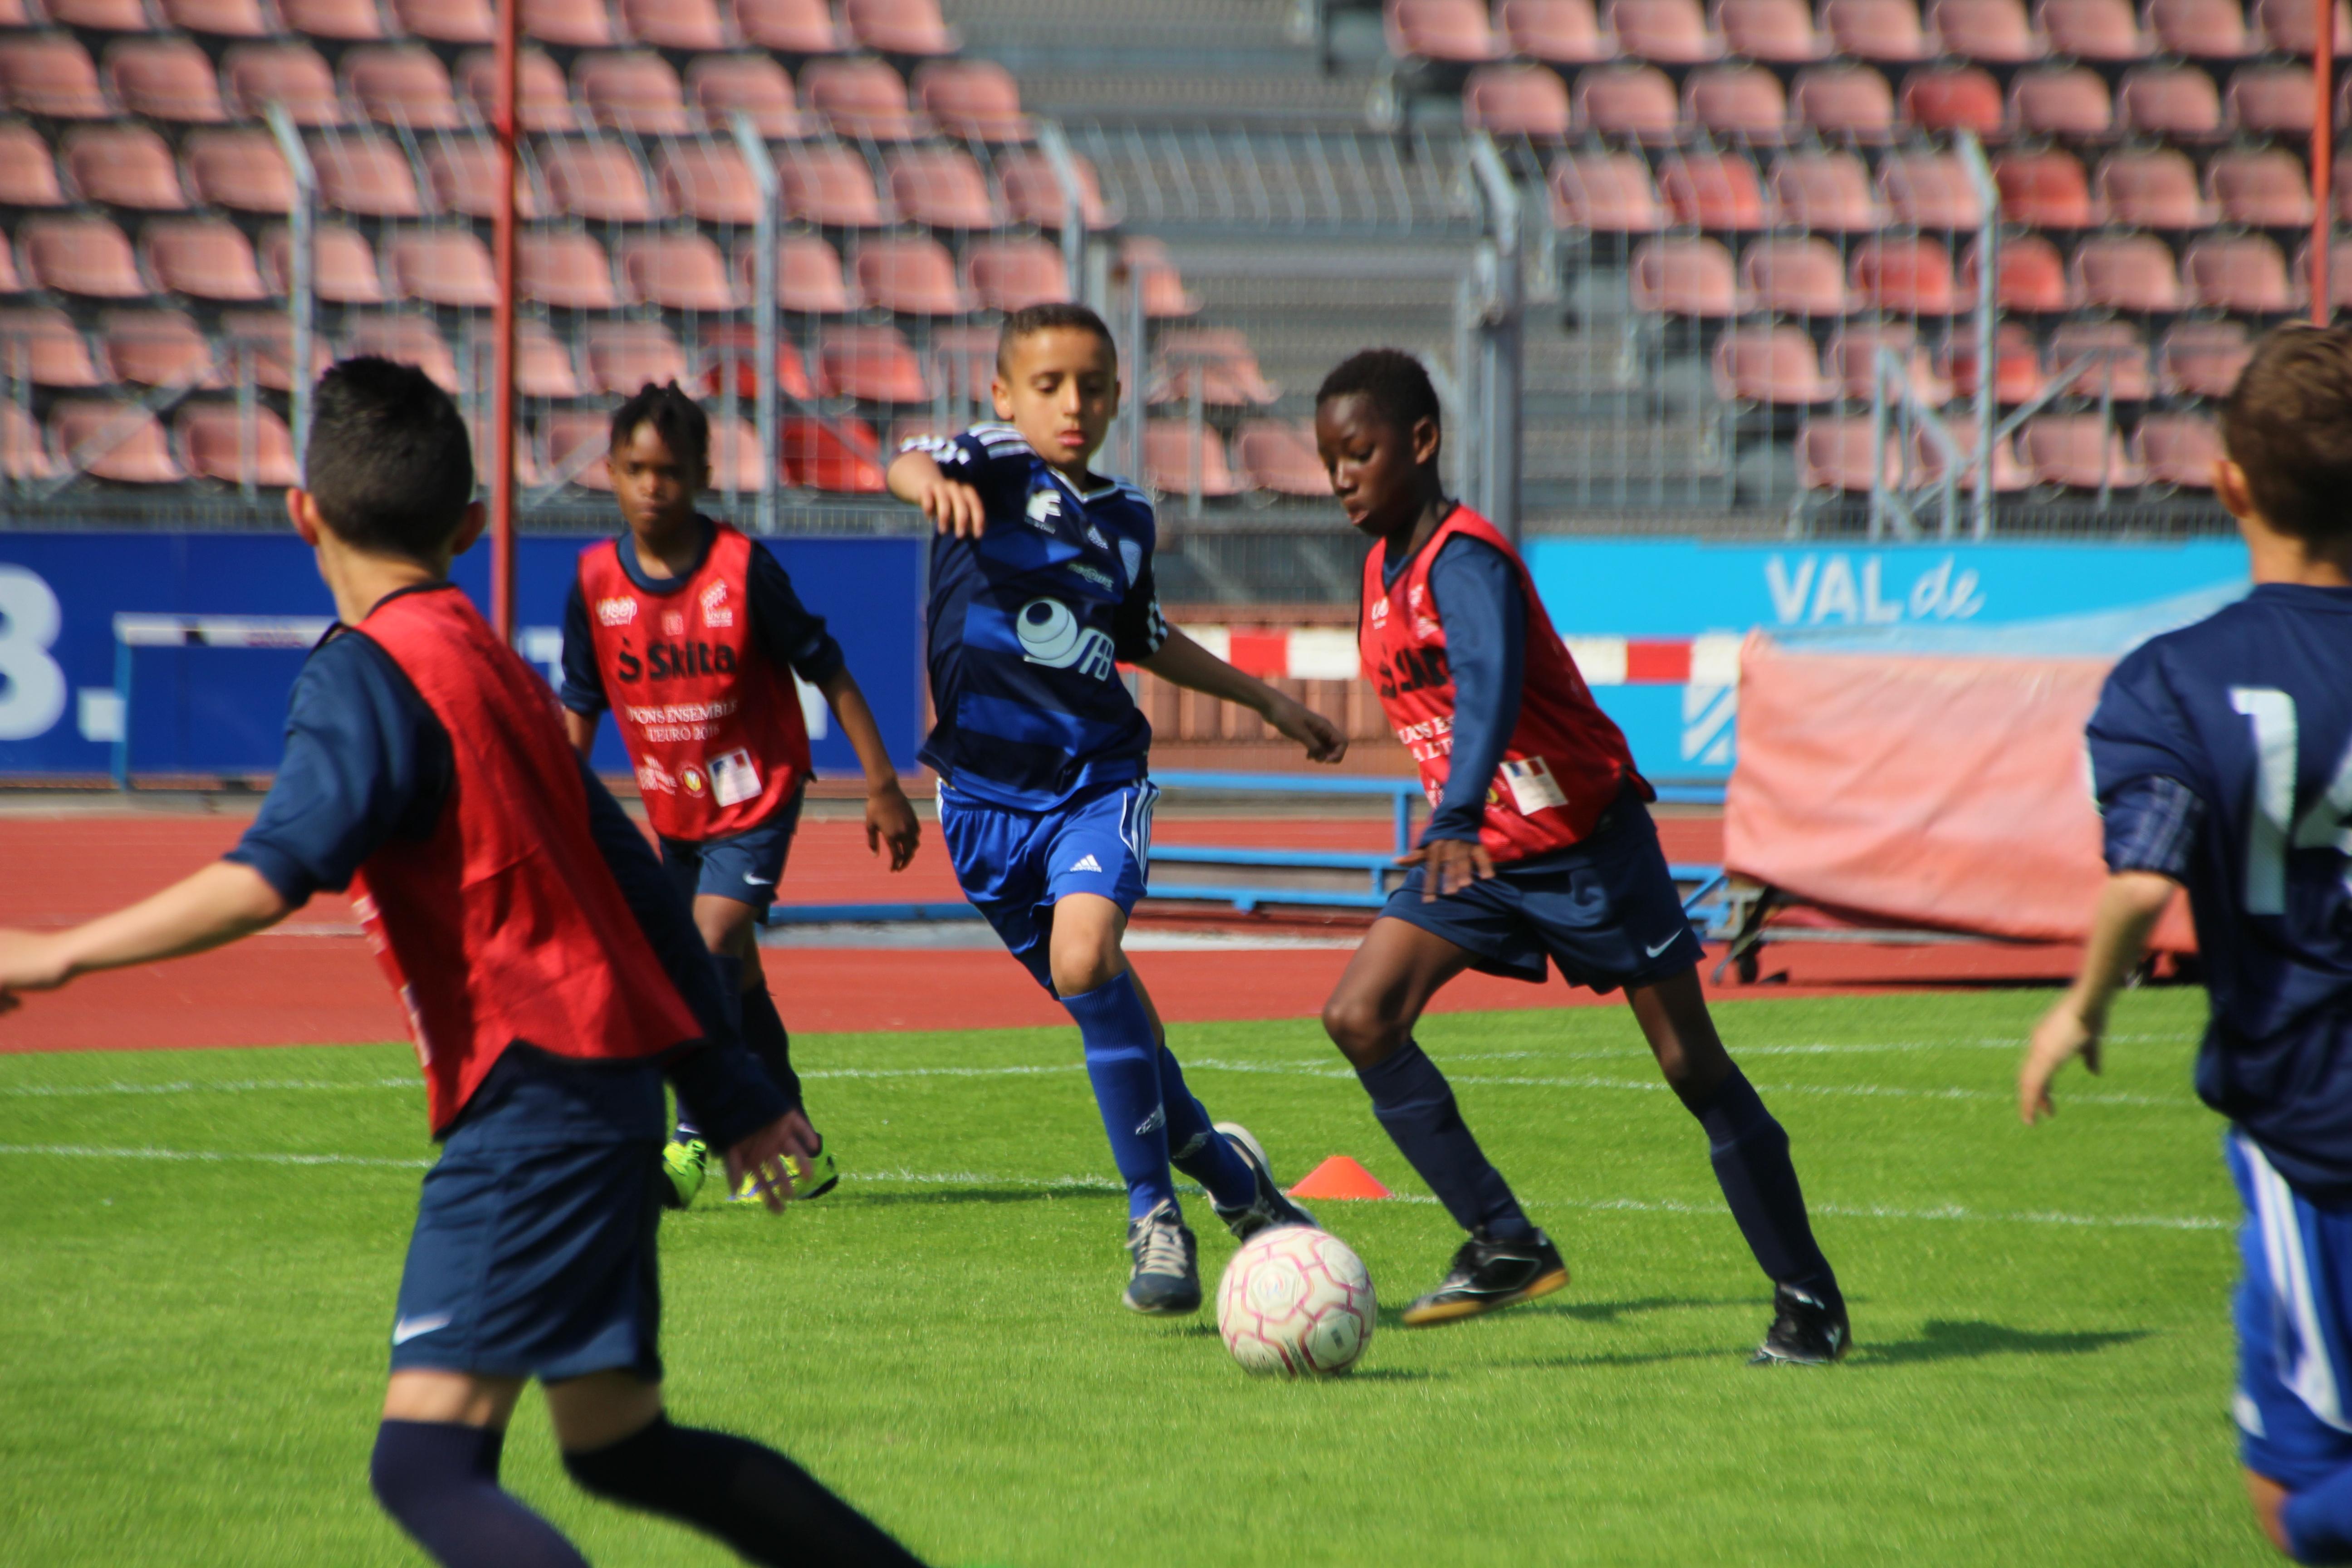 tournoi-de-foot-Créteil (5)